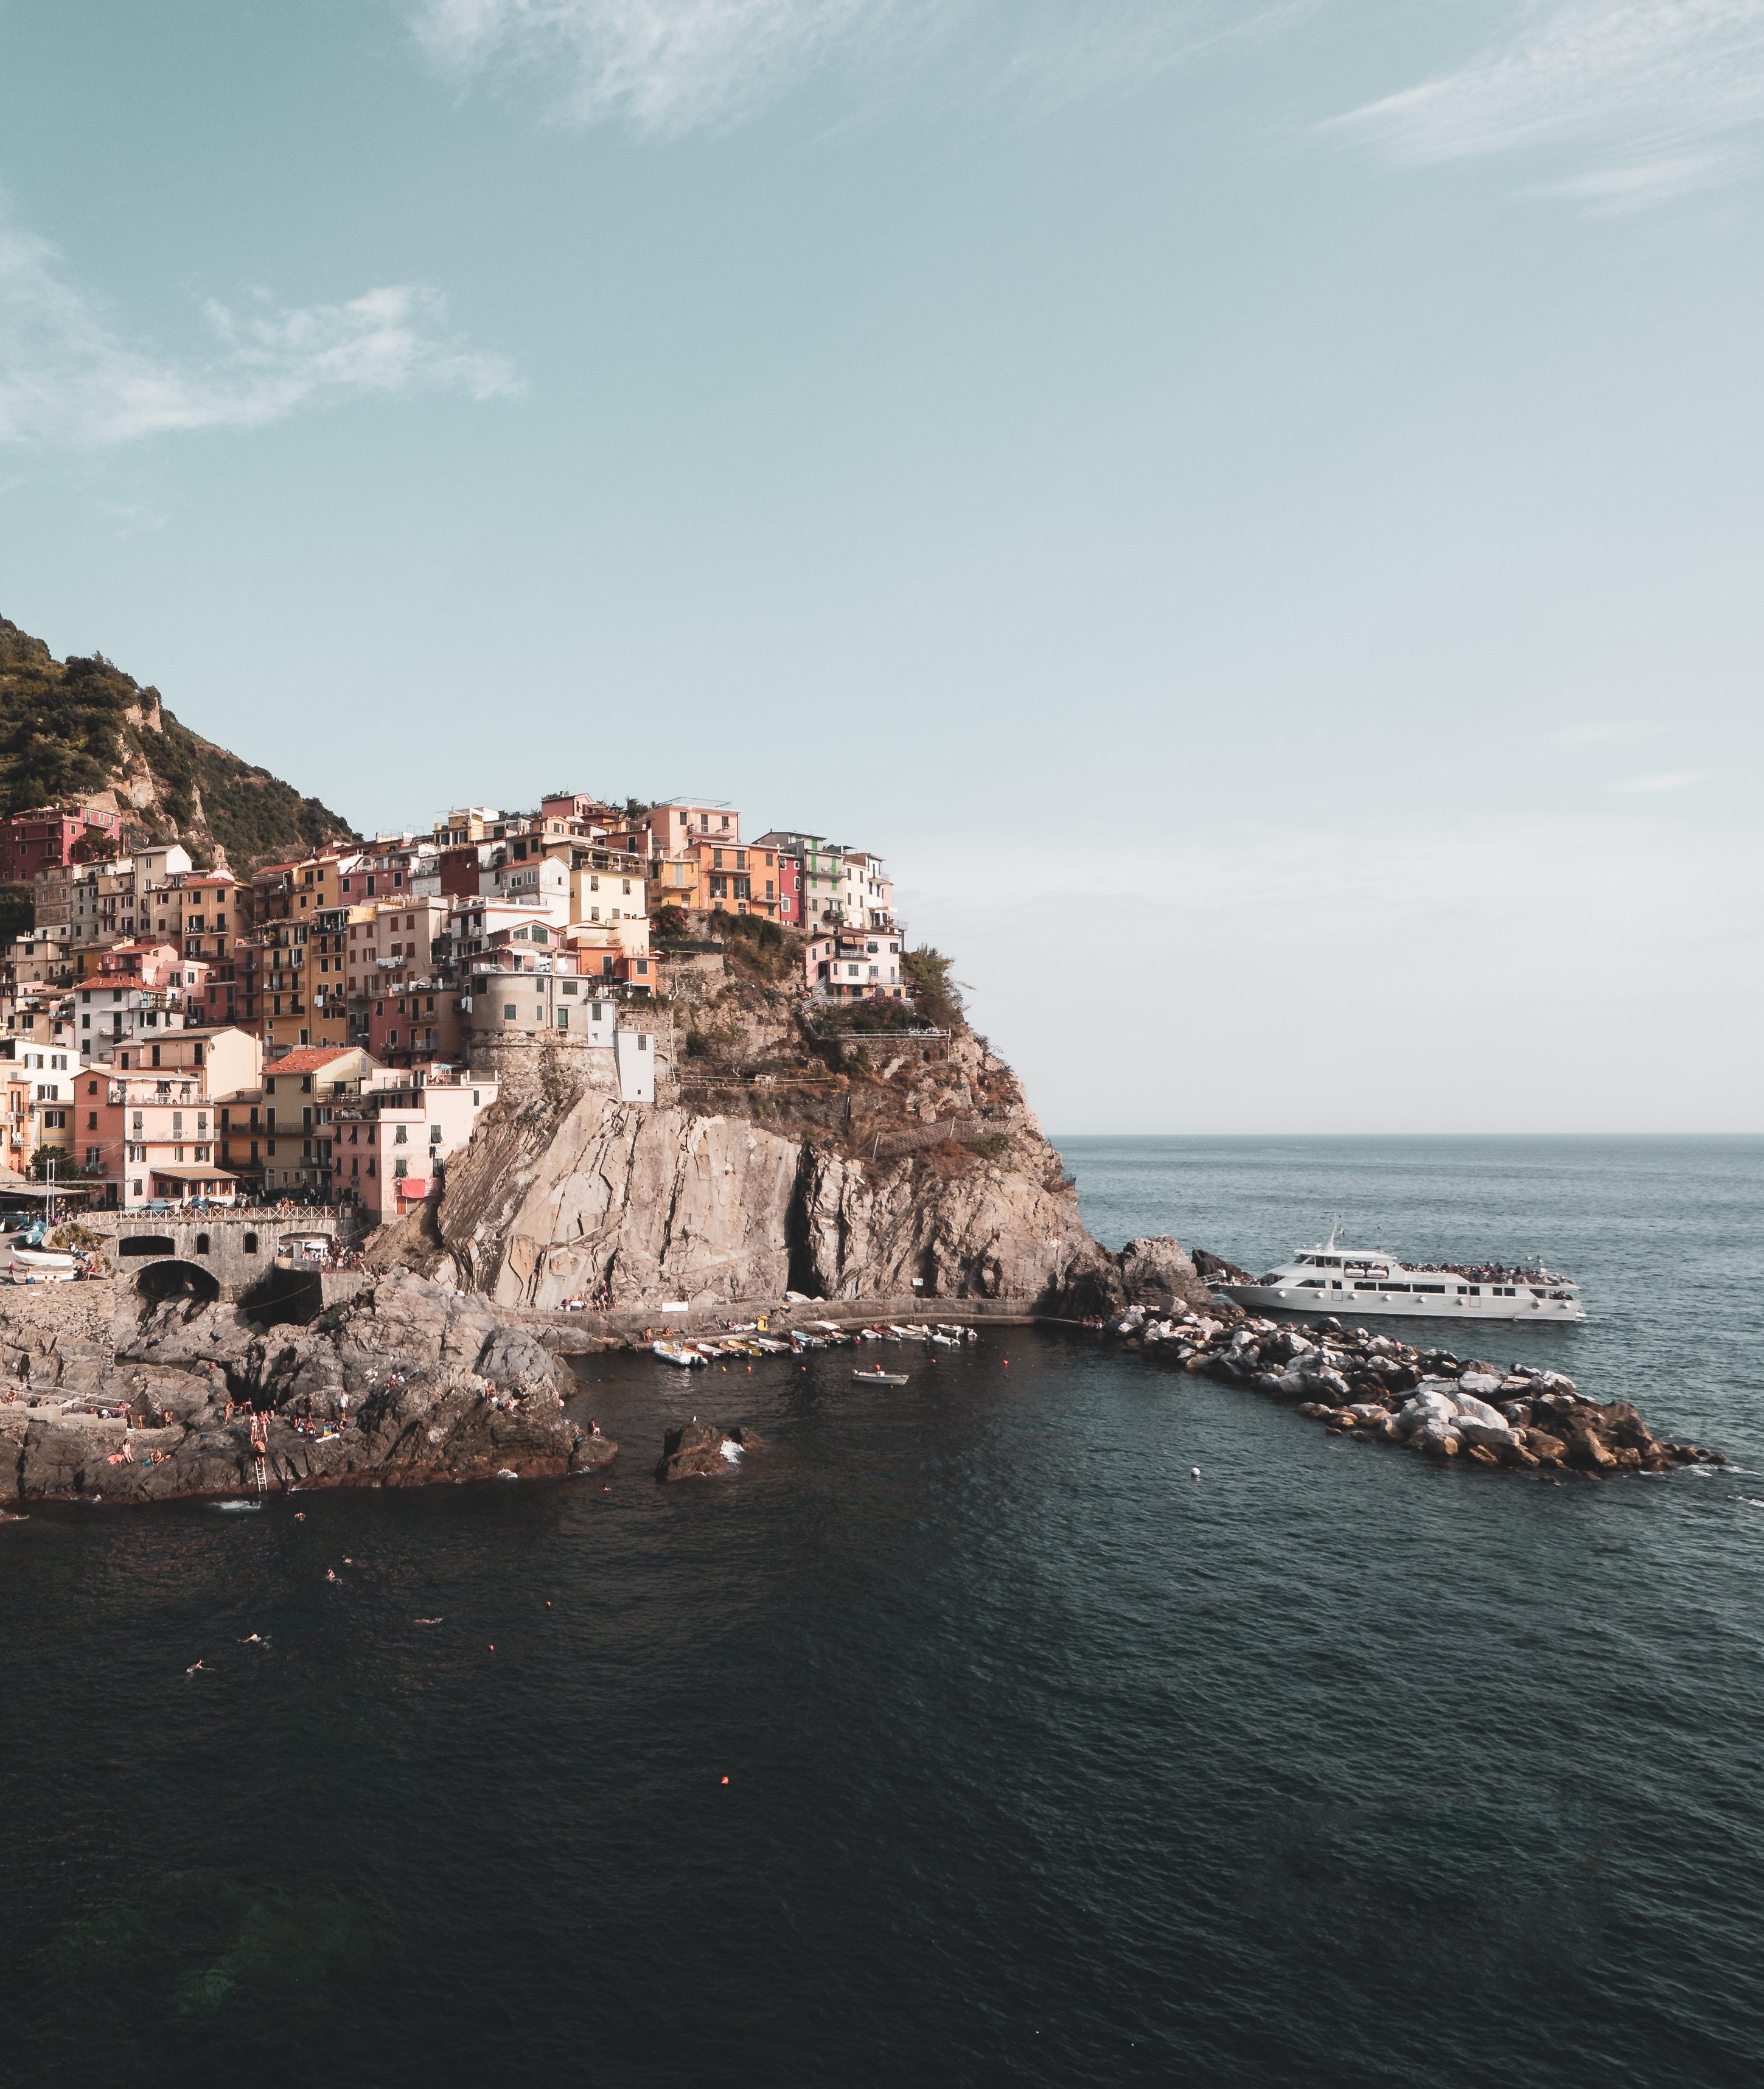 ship docked beside cliff